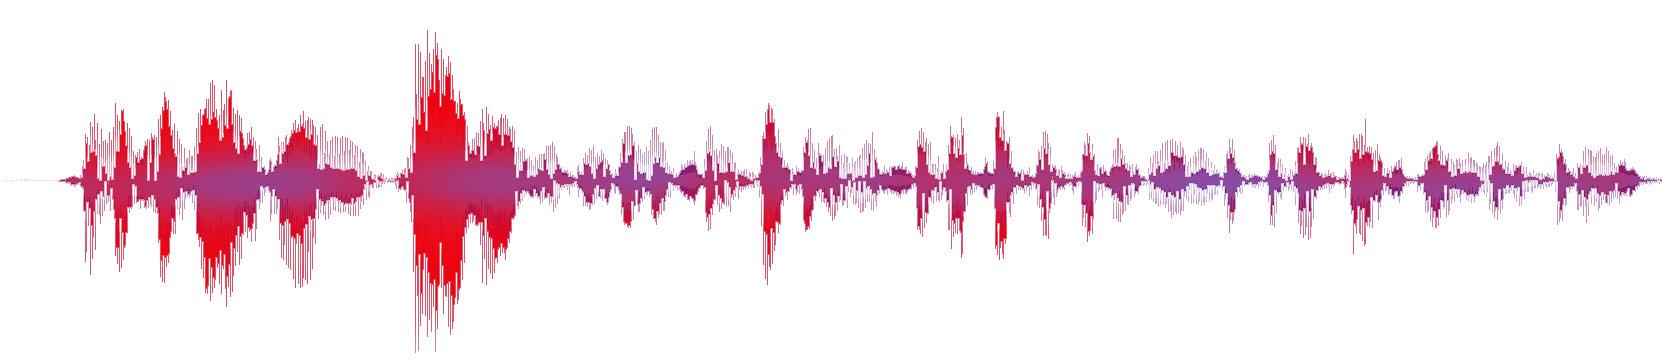 Sprachaufnahme bei Videos: Neun Tipps für guten Ton